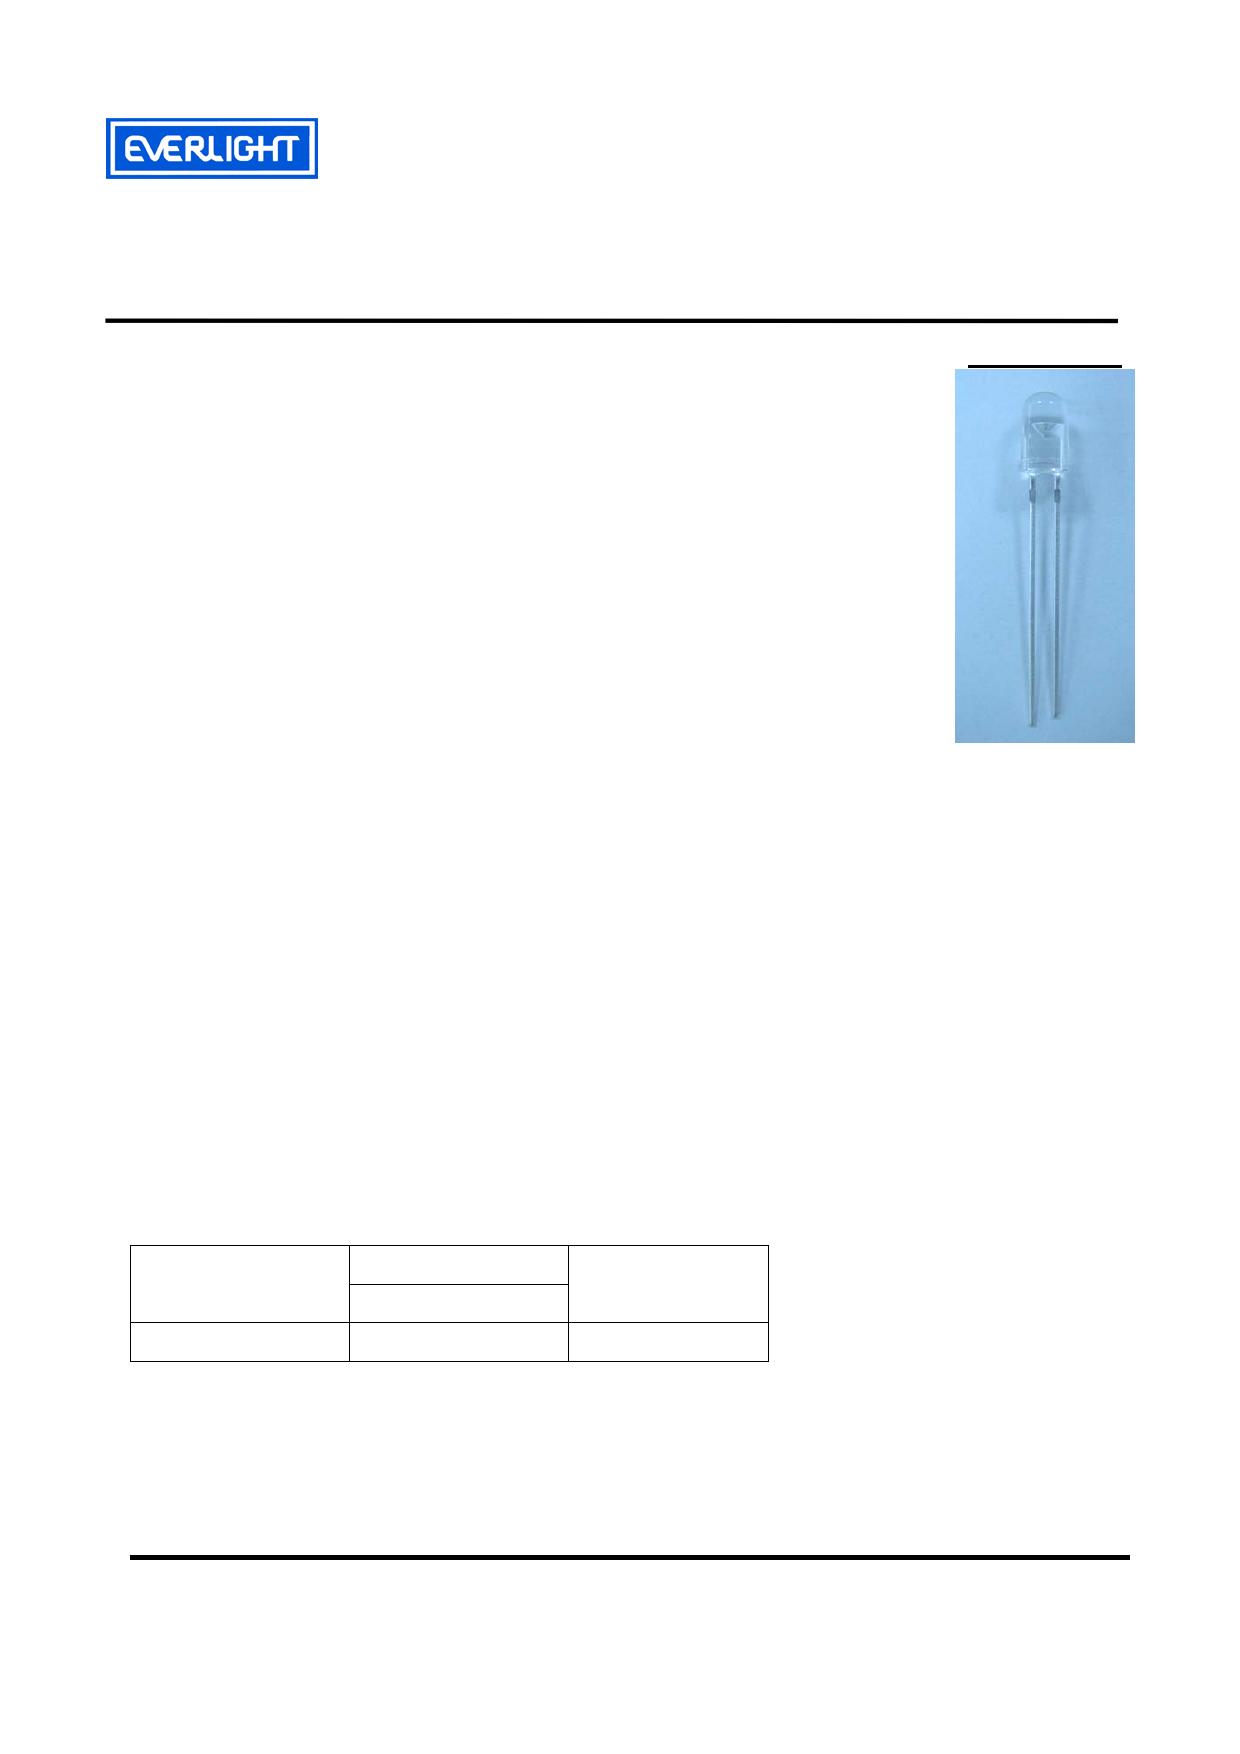 HIR7393C Datasheet, HIR7393C PDF,ピン配置, 機能